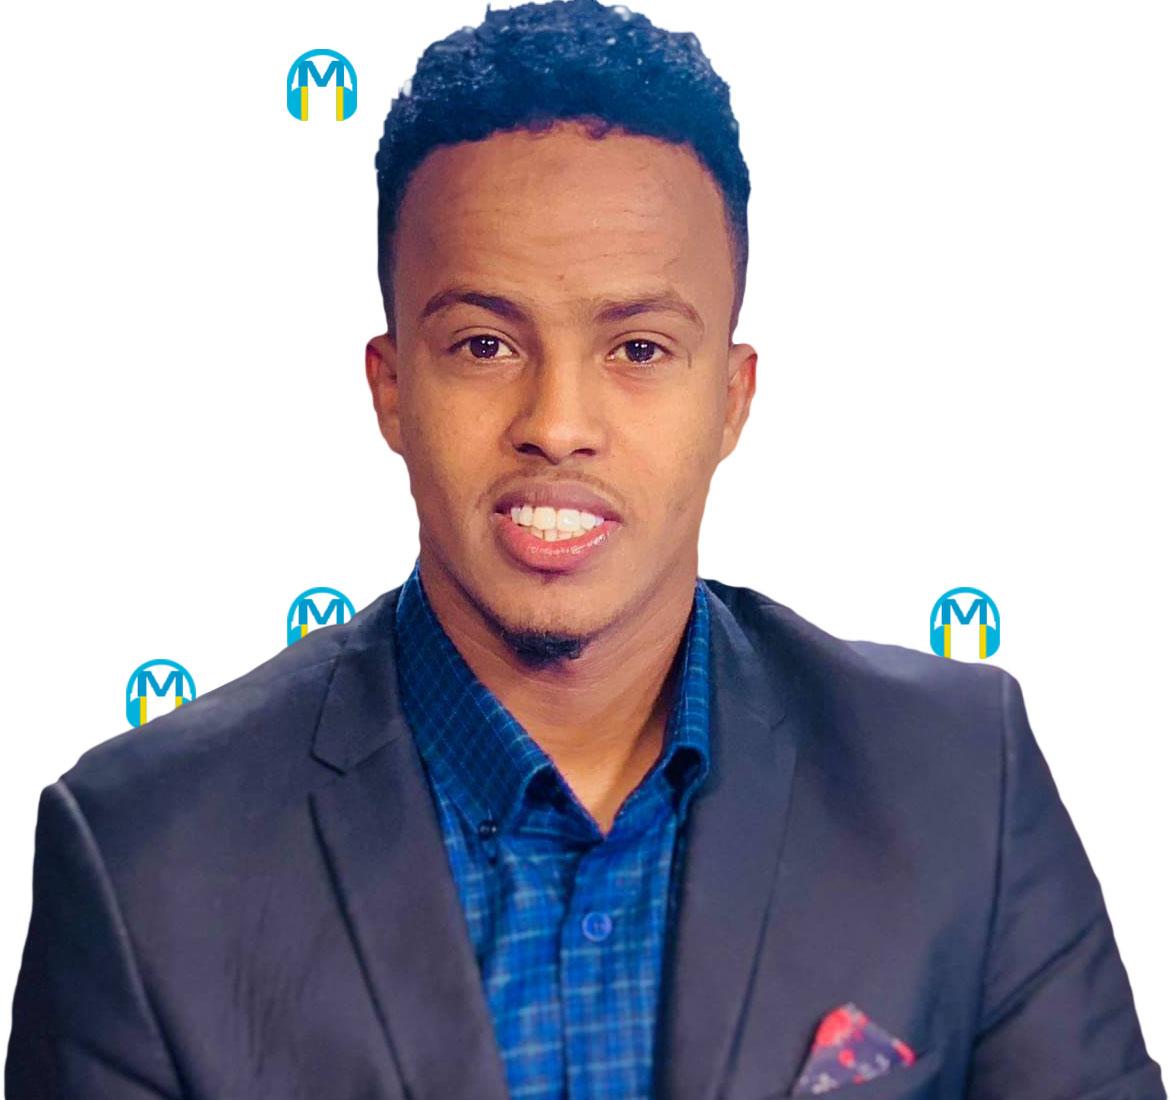 Mohamed Biibshe